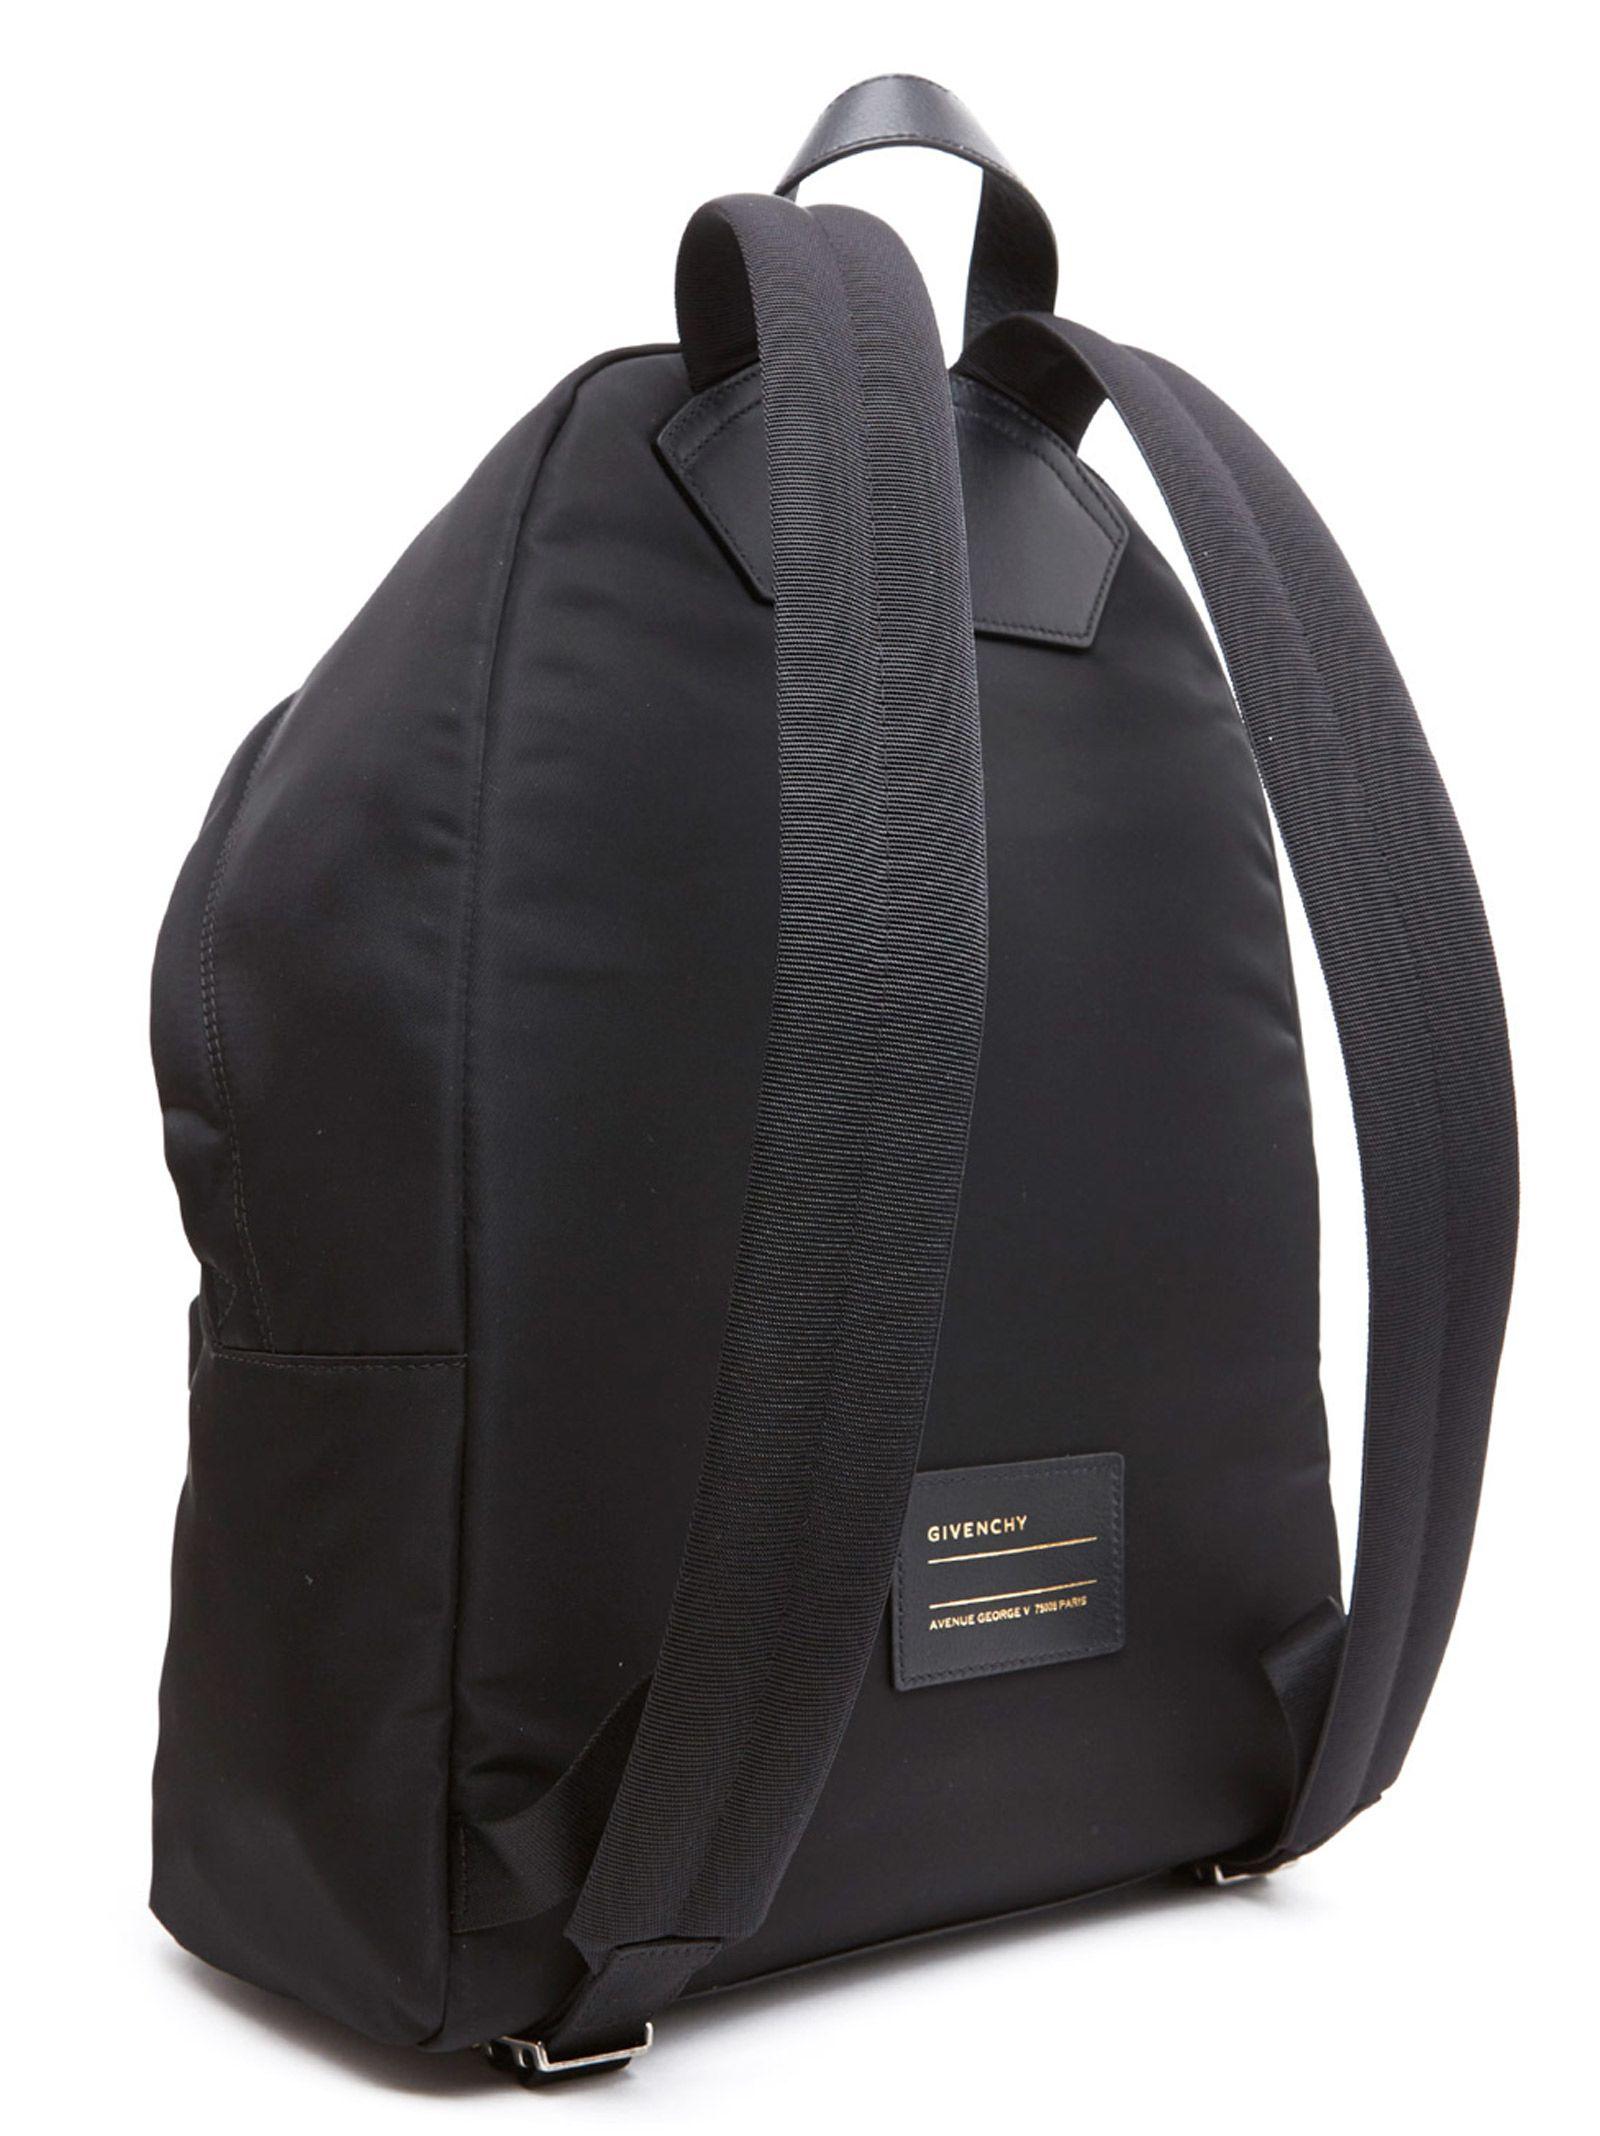 8f3017e65bac Givenchy Givenchy  givenchy Faded  Bag - Black - 10852473